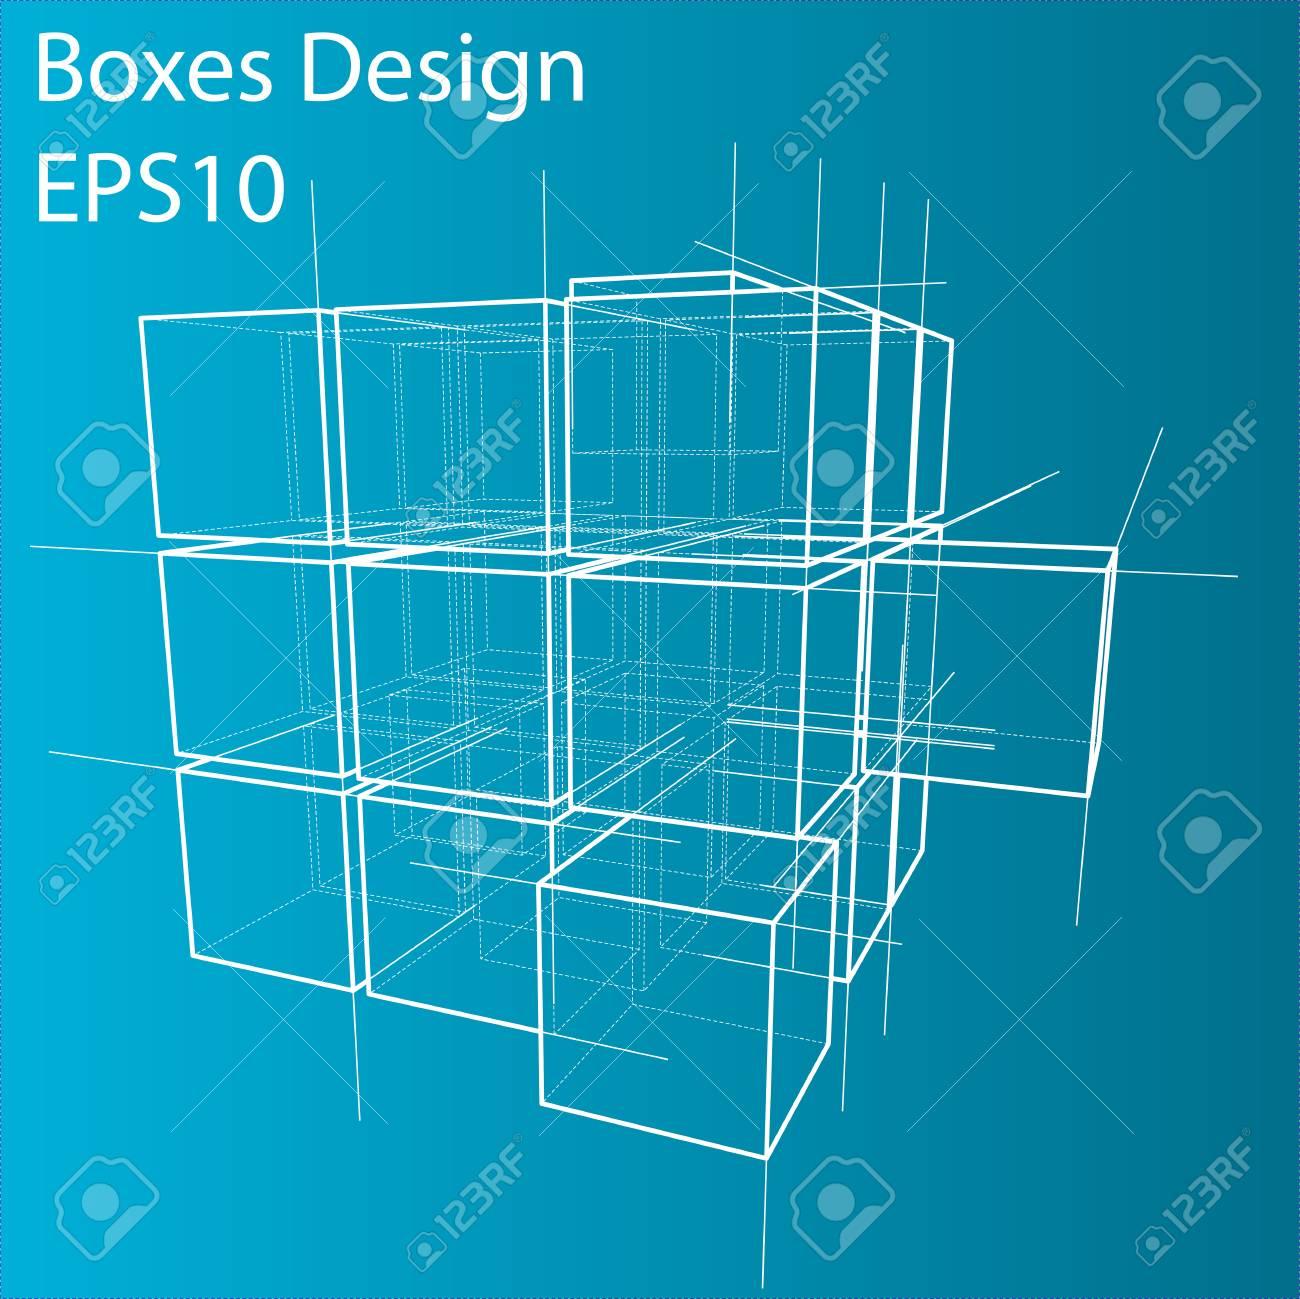 Cajas De Estructura Metálica Estilo De Dibujo Ilustración De Vector De Renderizado 3d